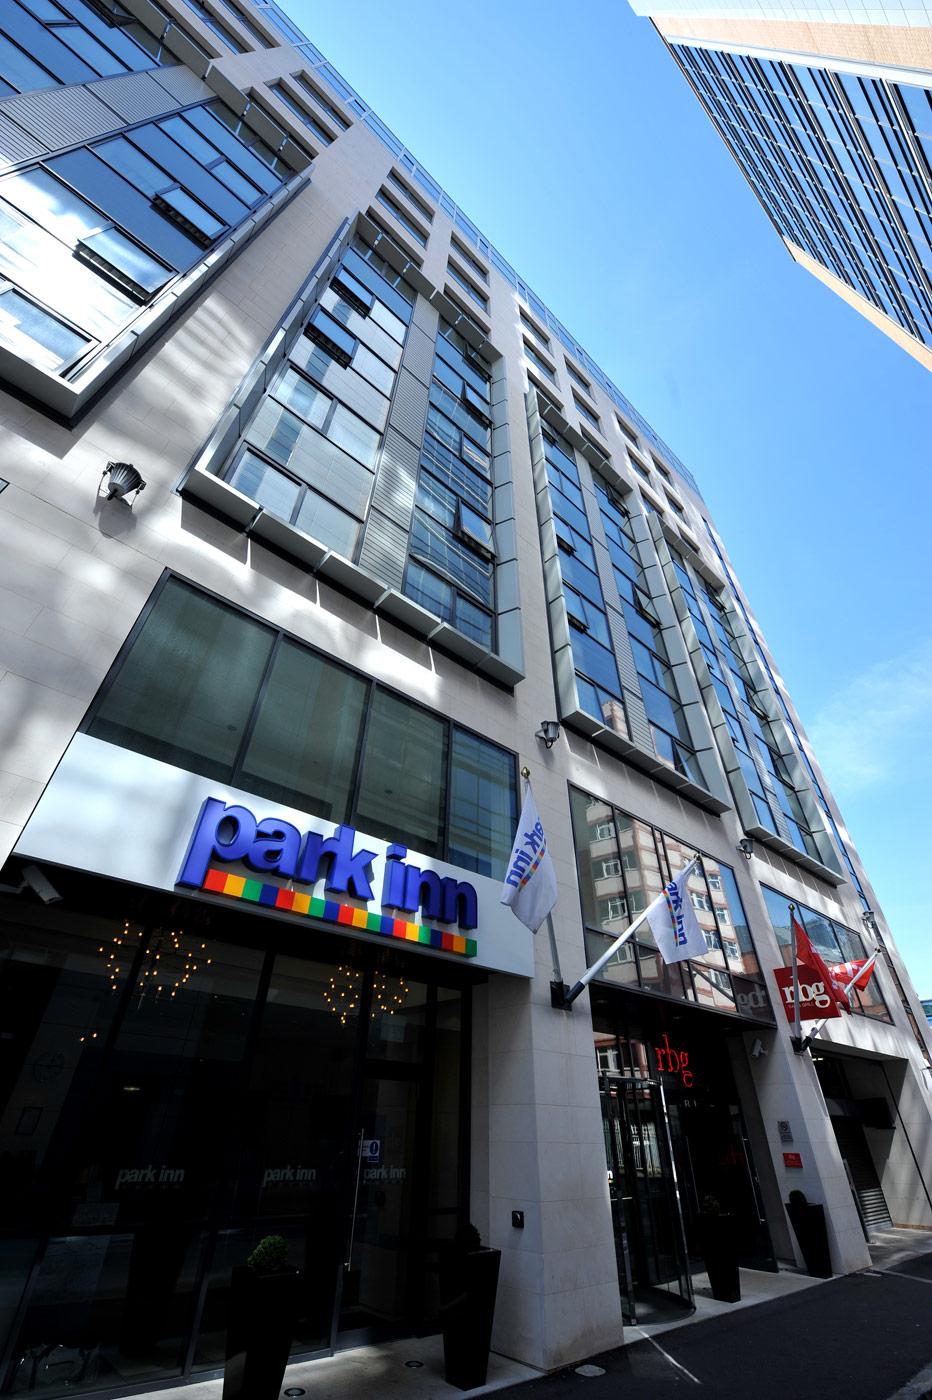 Park Inn Hotel